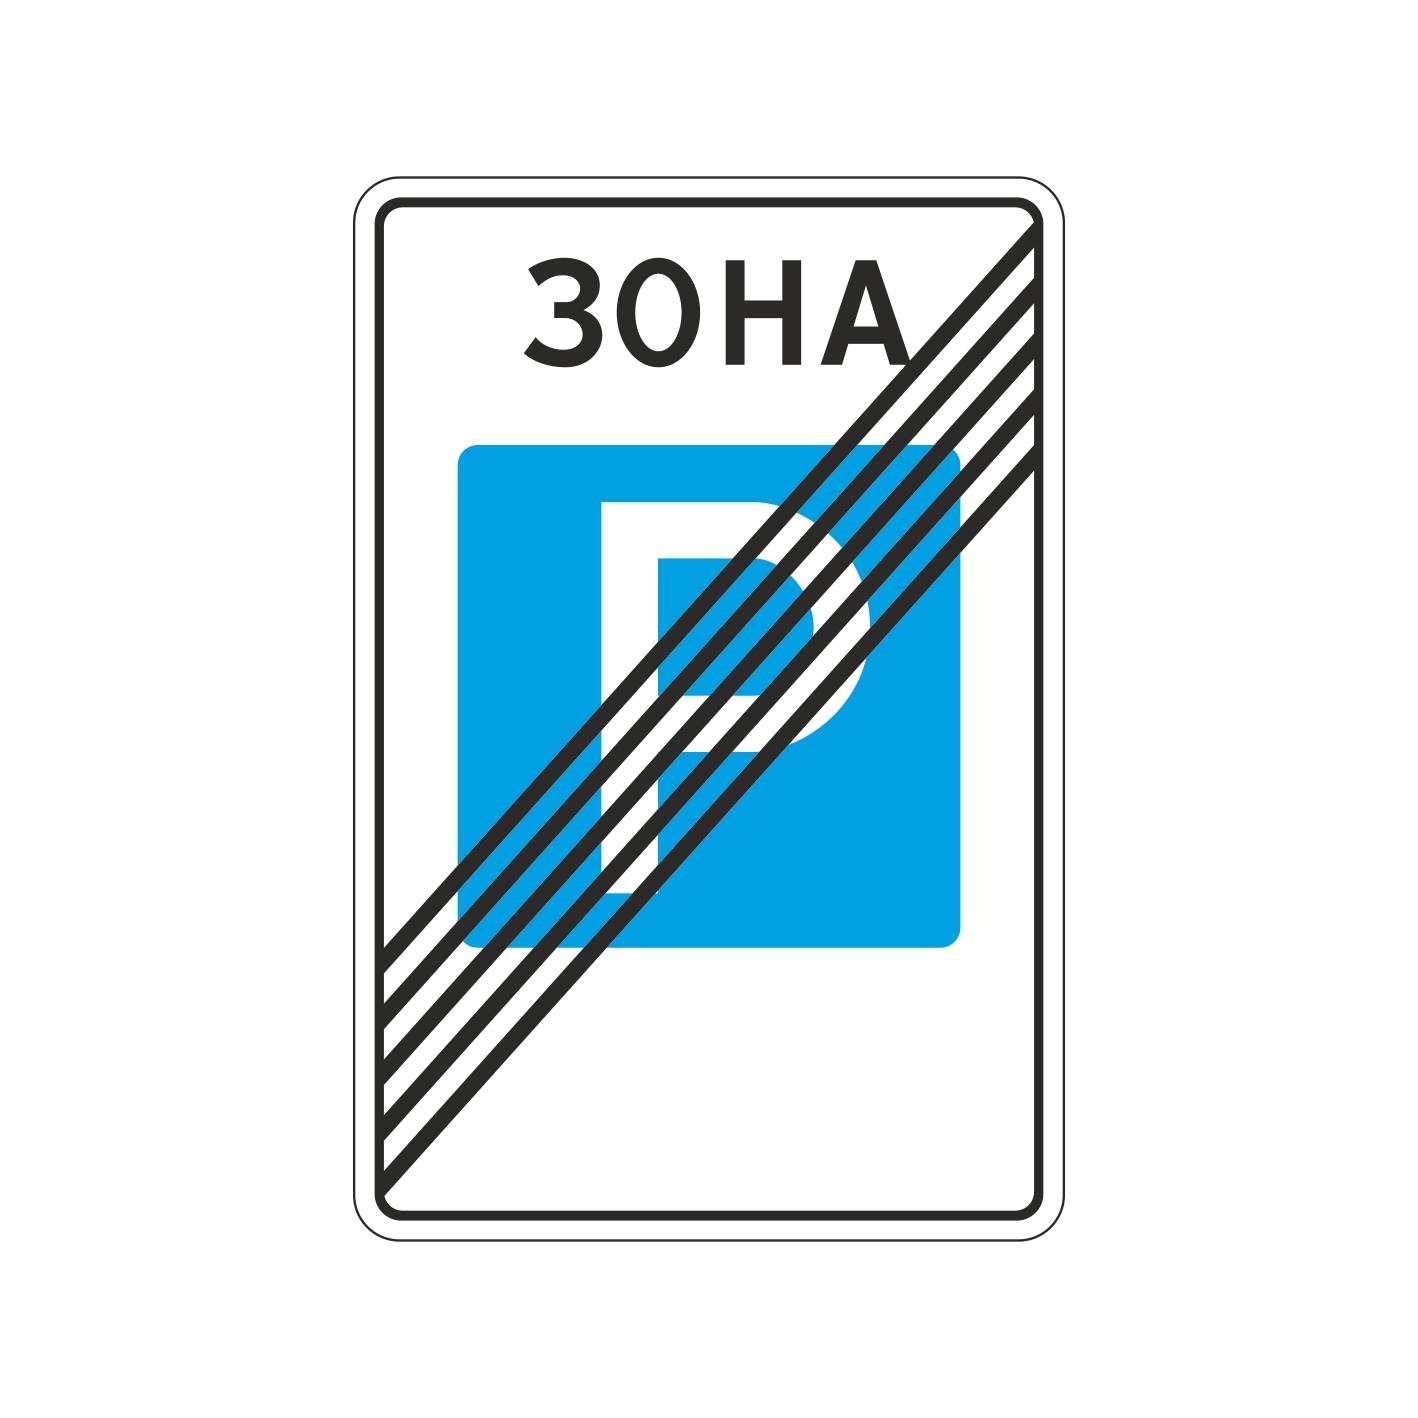 5.30 Конец зоны регулируемой стоянки